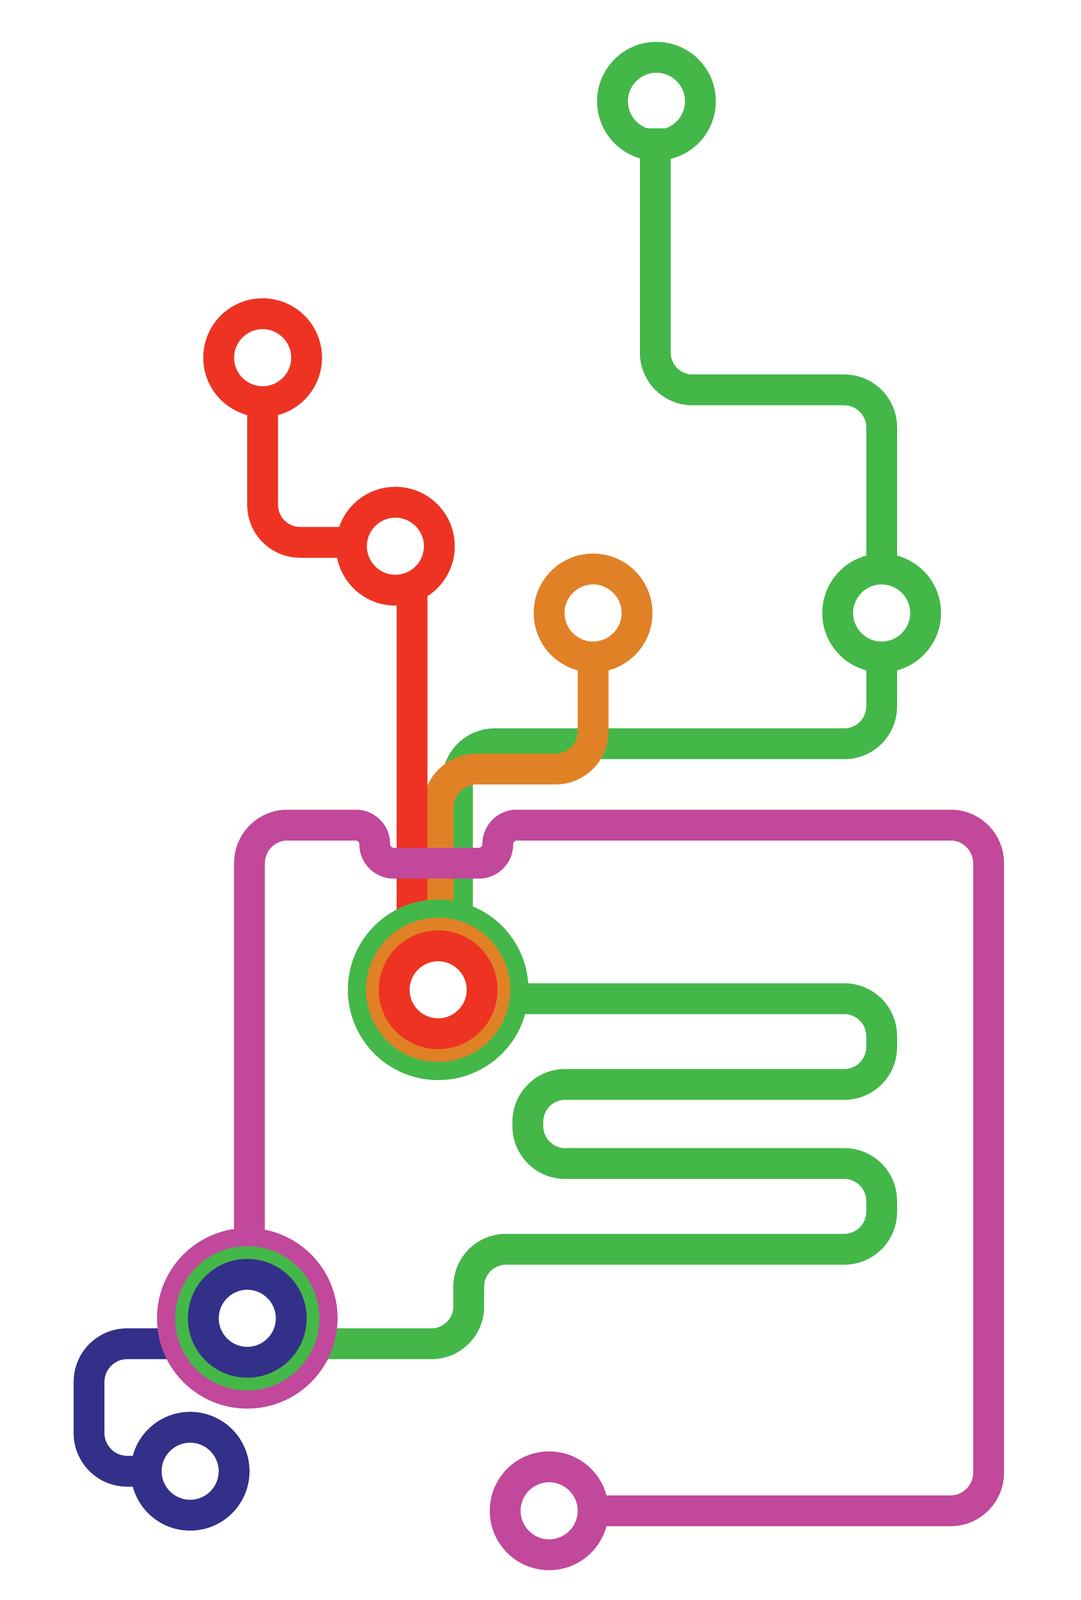 Rysunek przedstawia schematycznie układ pokarmowy człowieka: wielokolorowe rurki ikółeczka. Odcinki układu pokarmowego oznaczono różnymi barwami. Kółka symbolizują narządy trawienne.